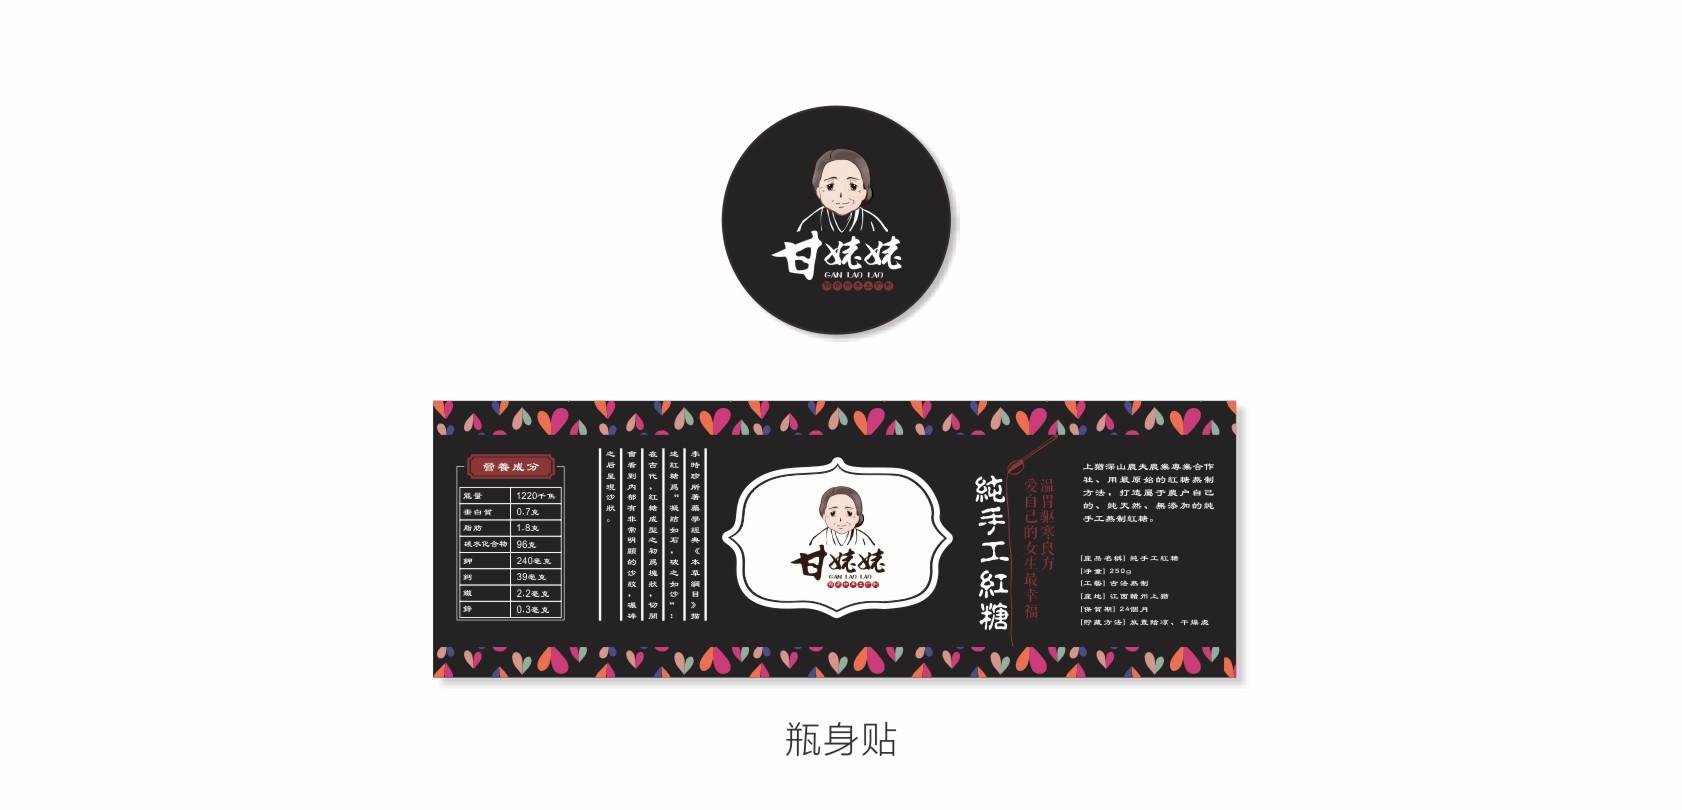 西唐品牌原创设计:心形红糖形象包装设计图片